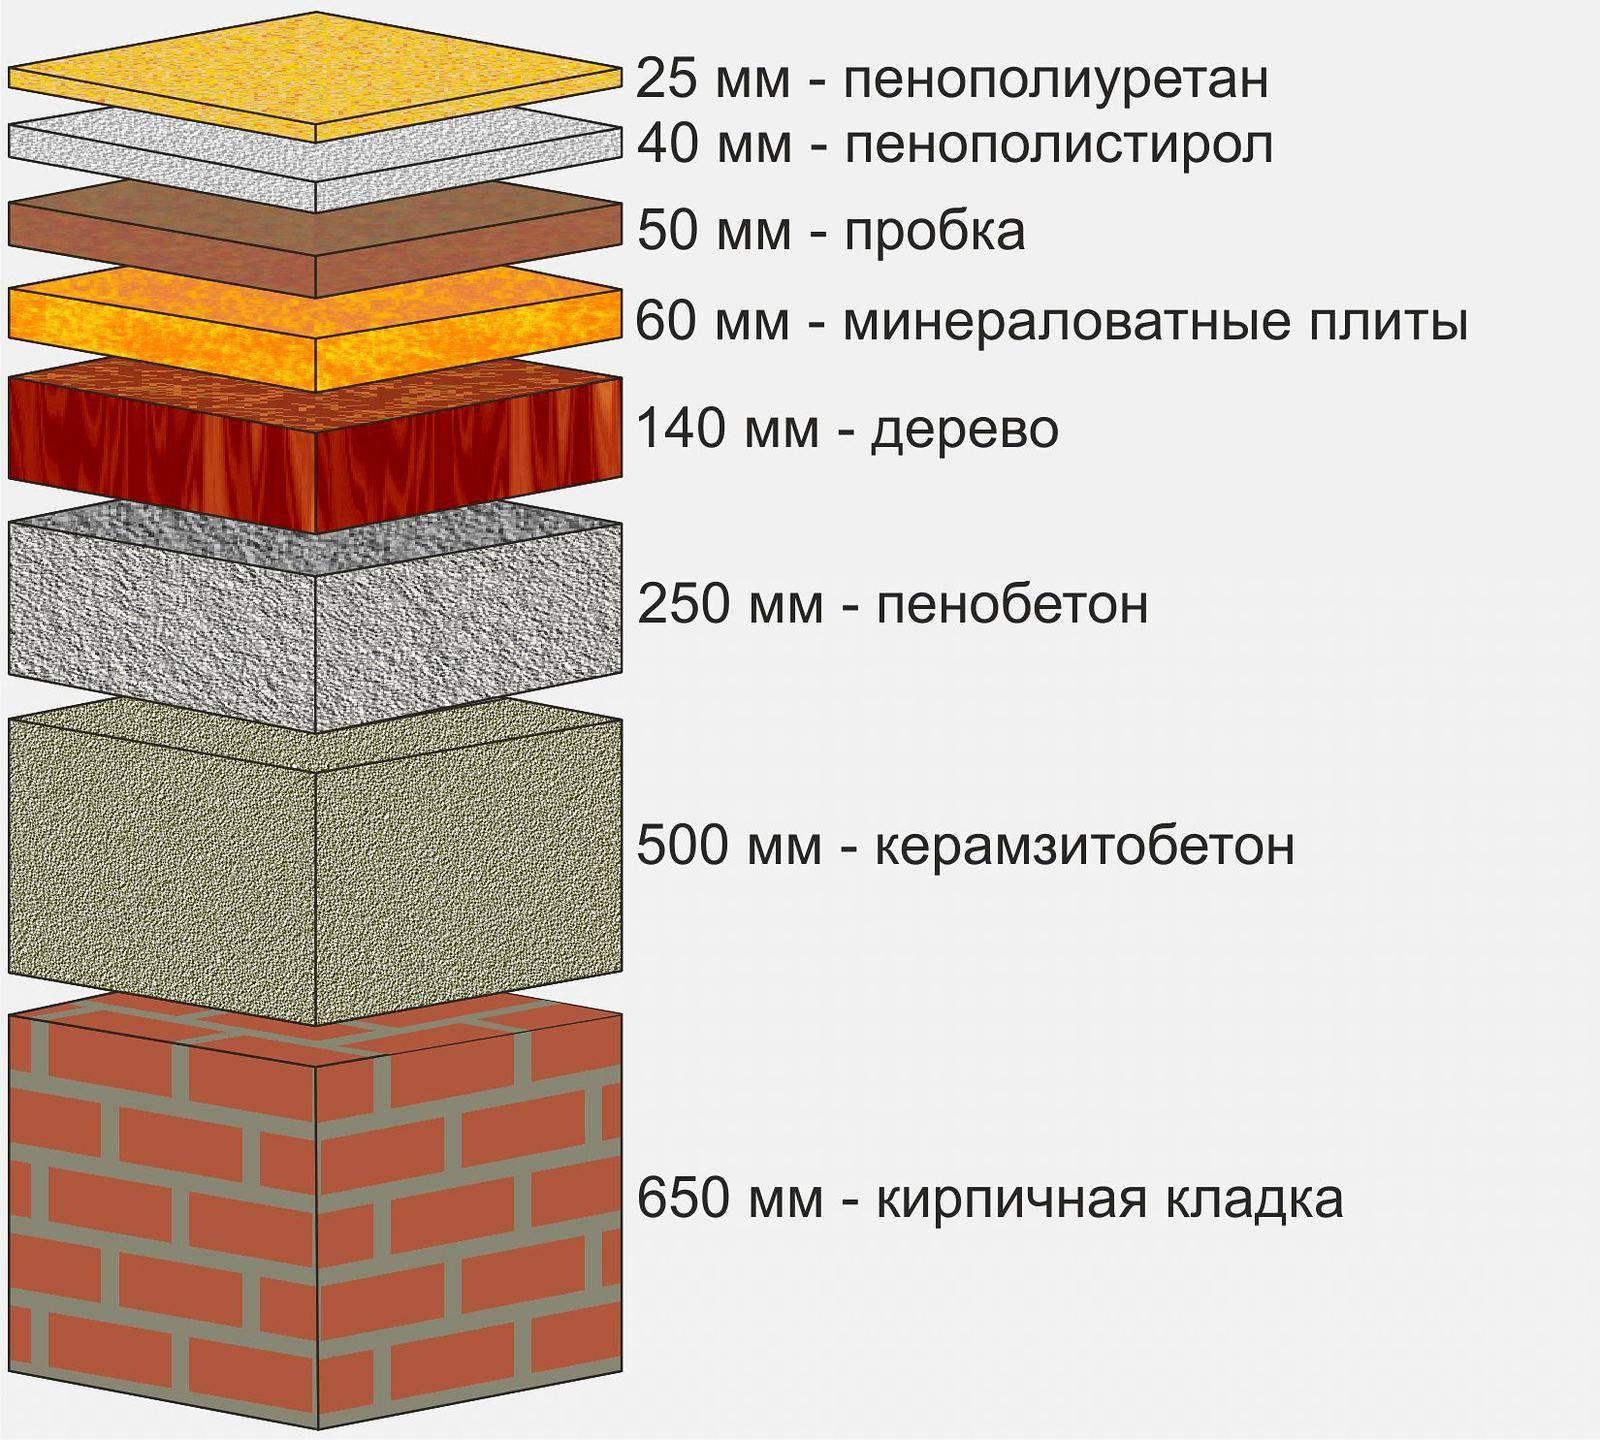 Теплоизоляция пенополистиролом — что это за материал, применение